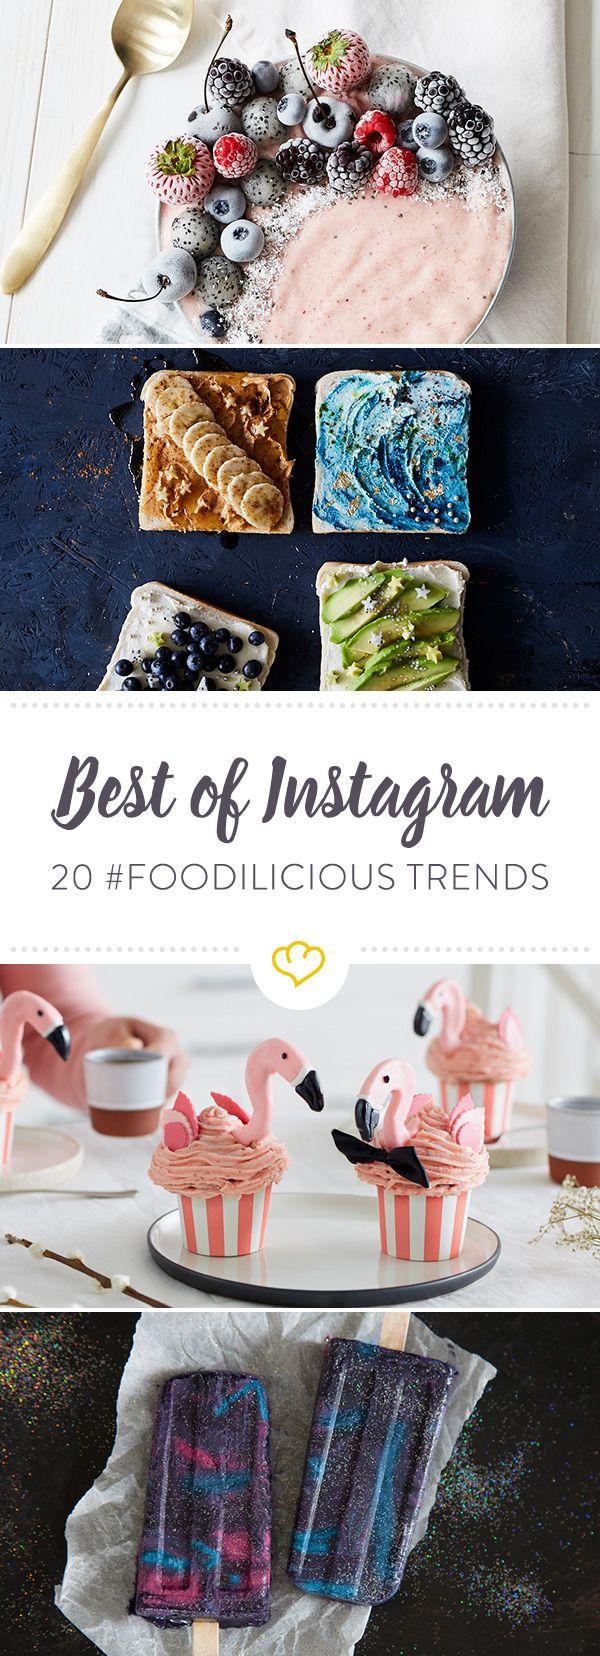 Avocadorose, Flamingo-Cupcakes und Sushi-Burrito: Unsere 20 liebsten Food-Trends, die es ohne Instagram vielleicht nicht geben würde.